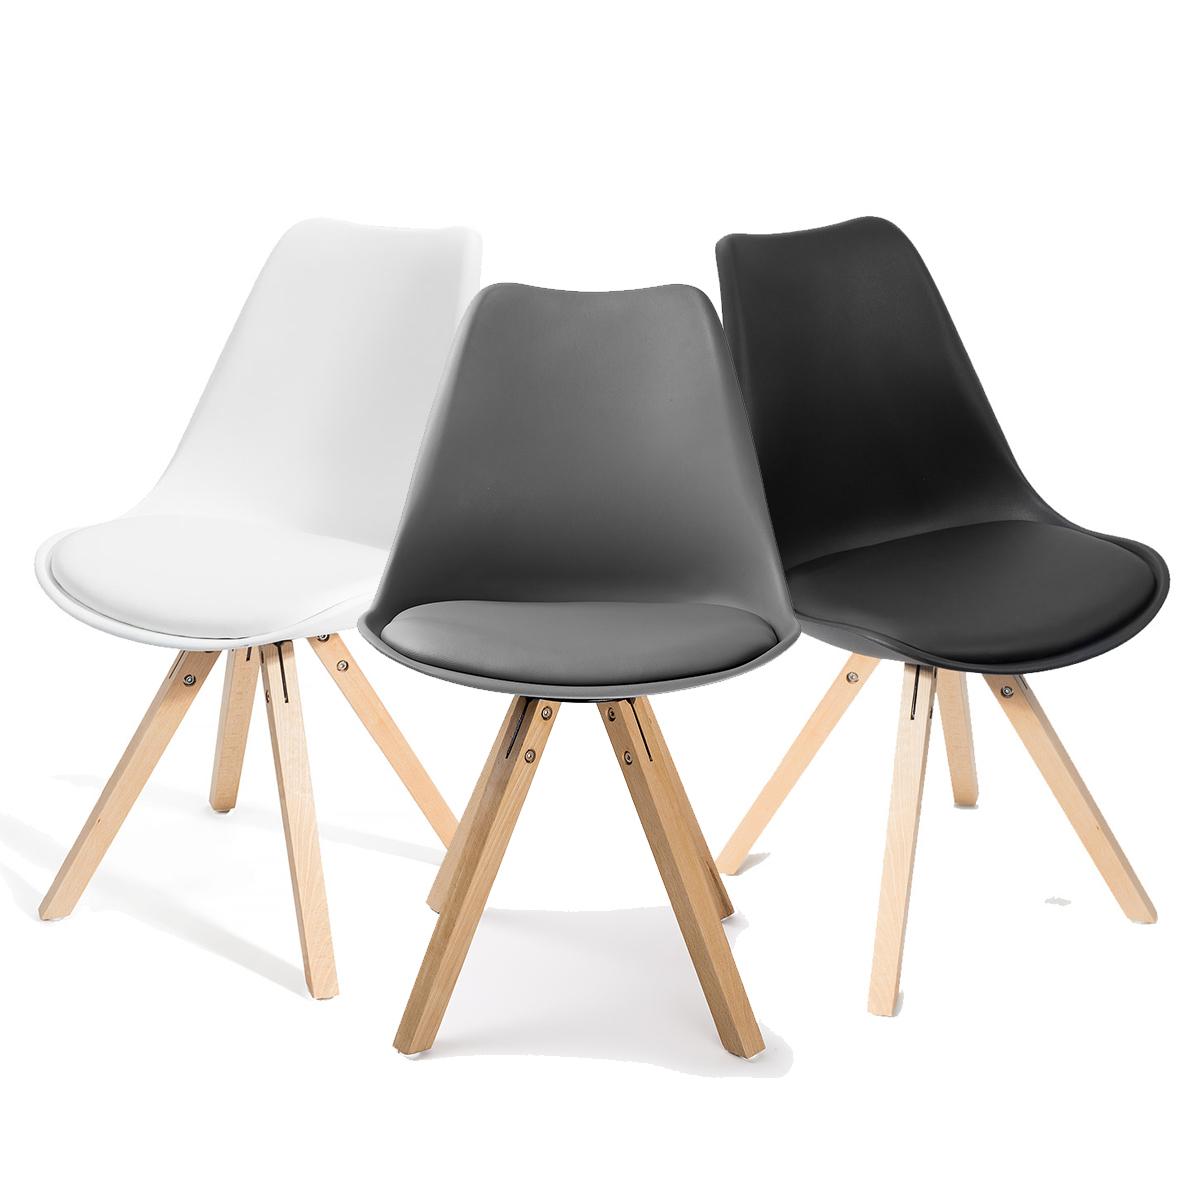 Salle chaise de salon cuisine si ges chaises 4 mod les for Chaise de salon